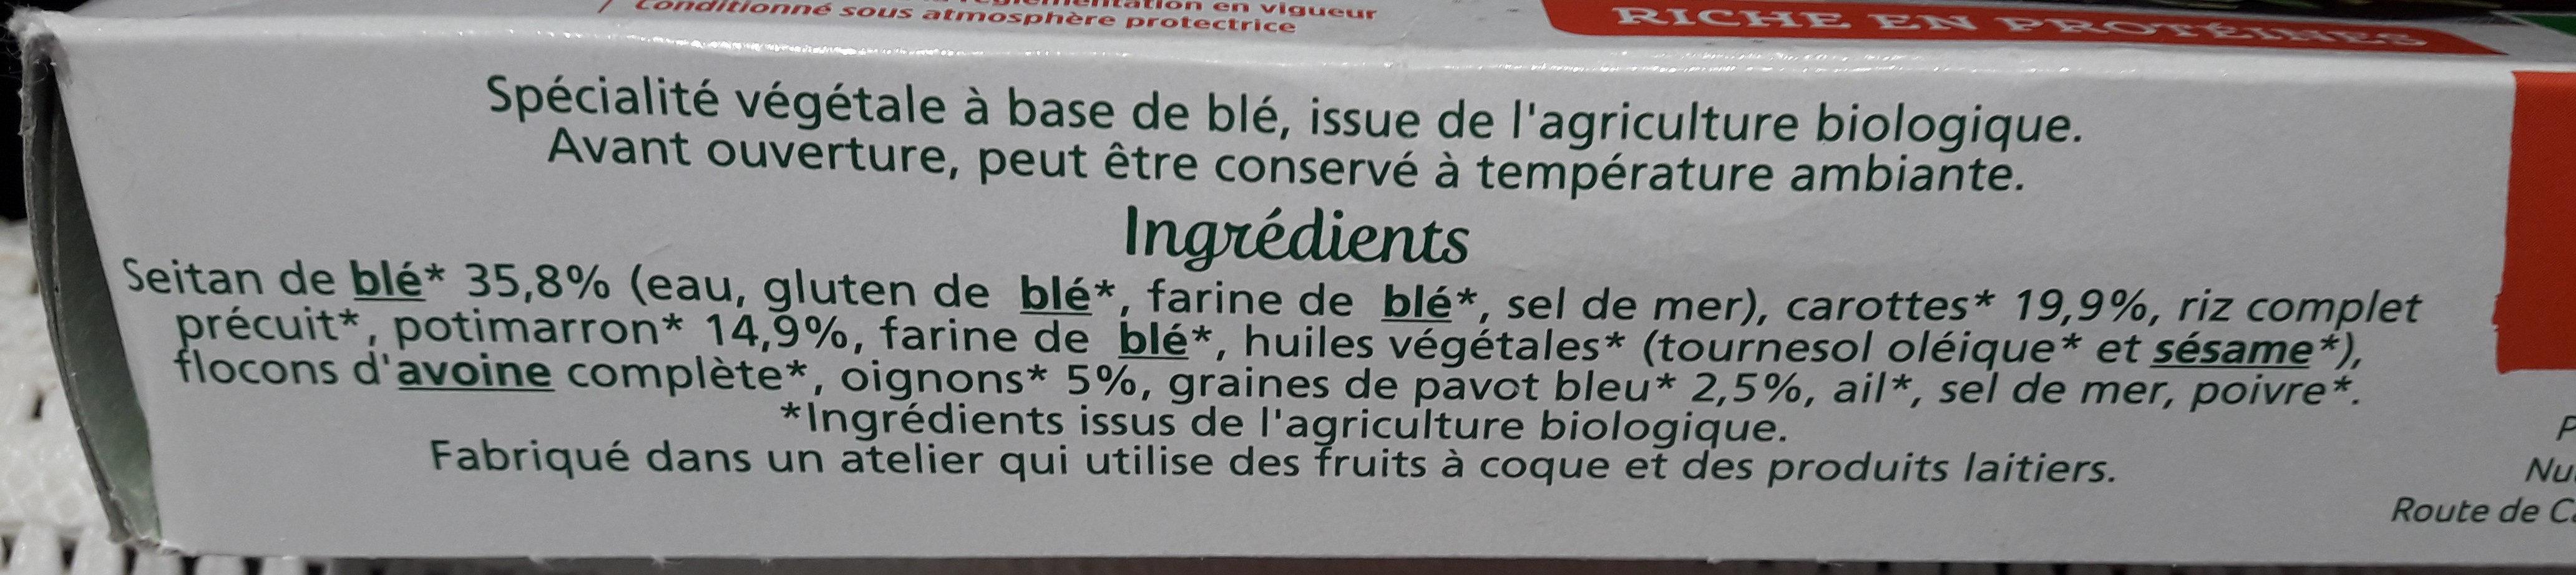 Tendre carrés de blé - Ingredients